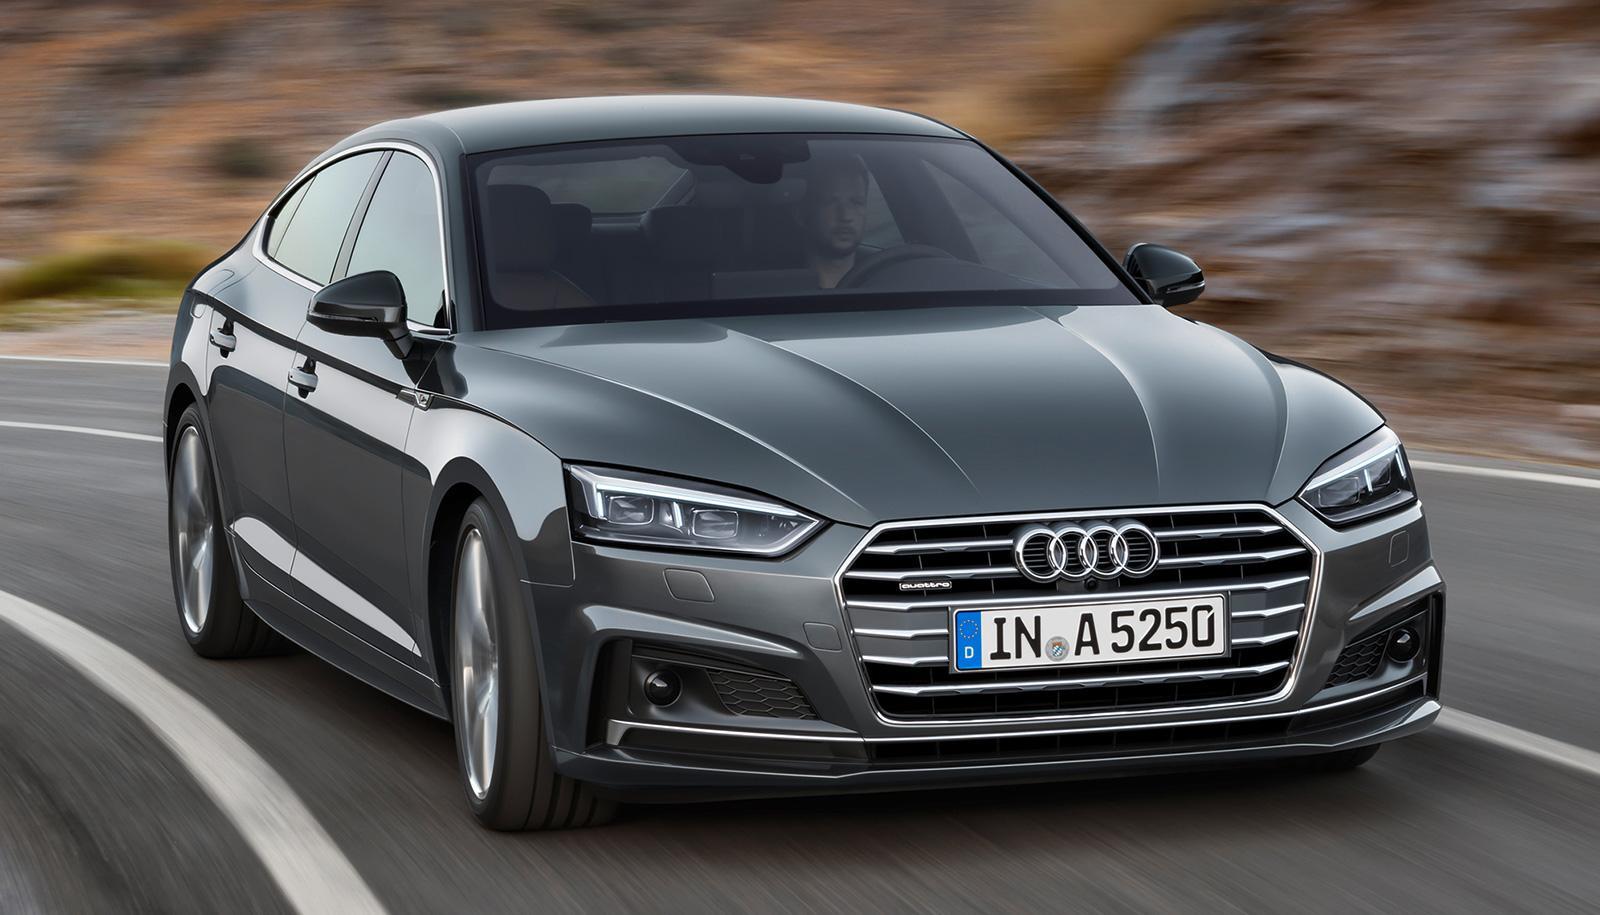 Kekurangan Audi A5 Sportback 2016 Perbandingan Harga